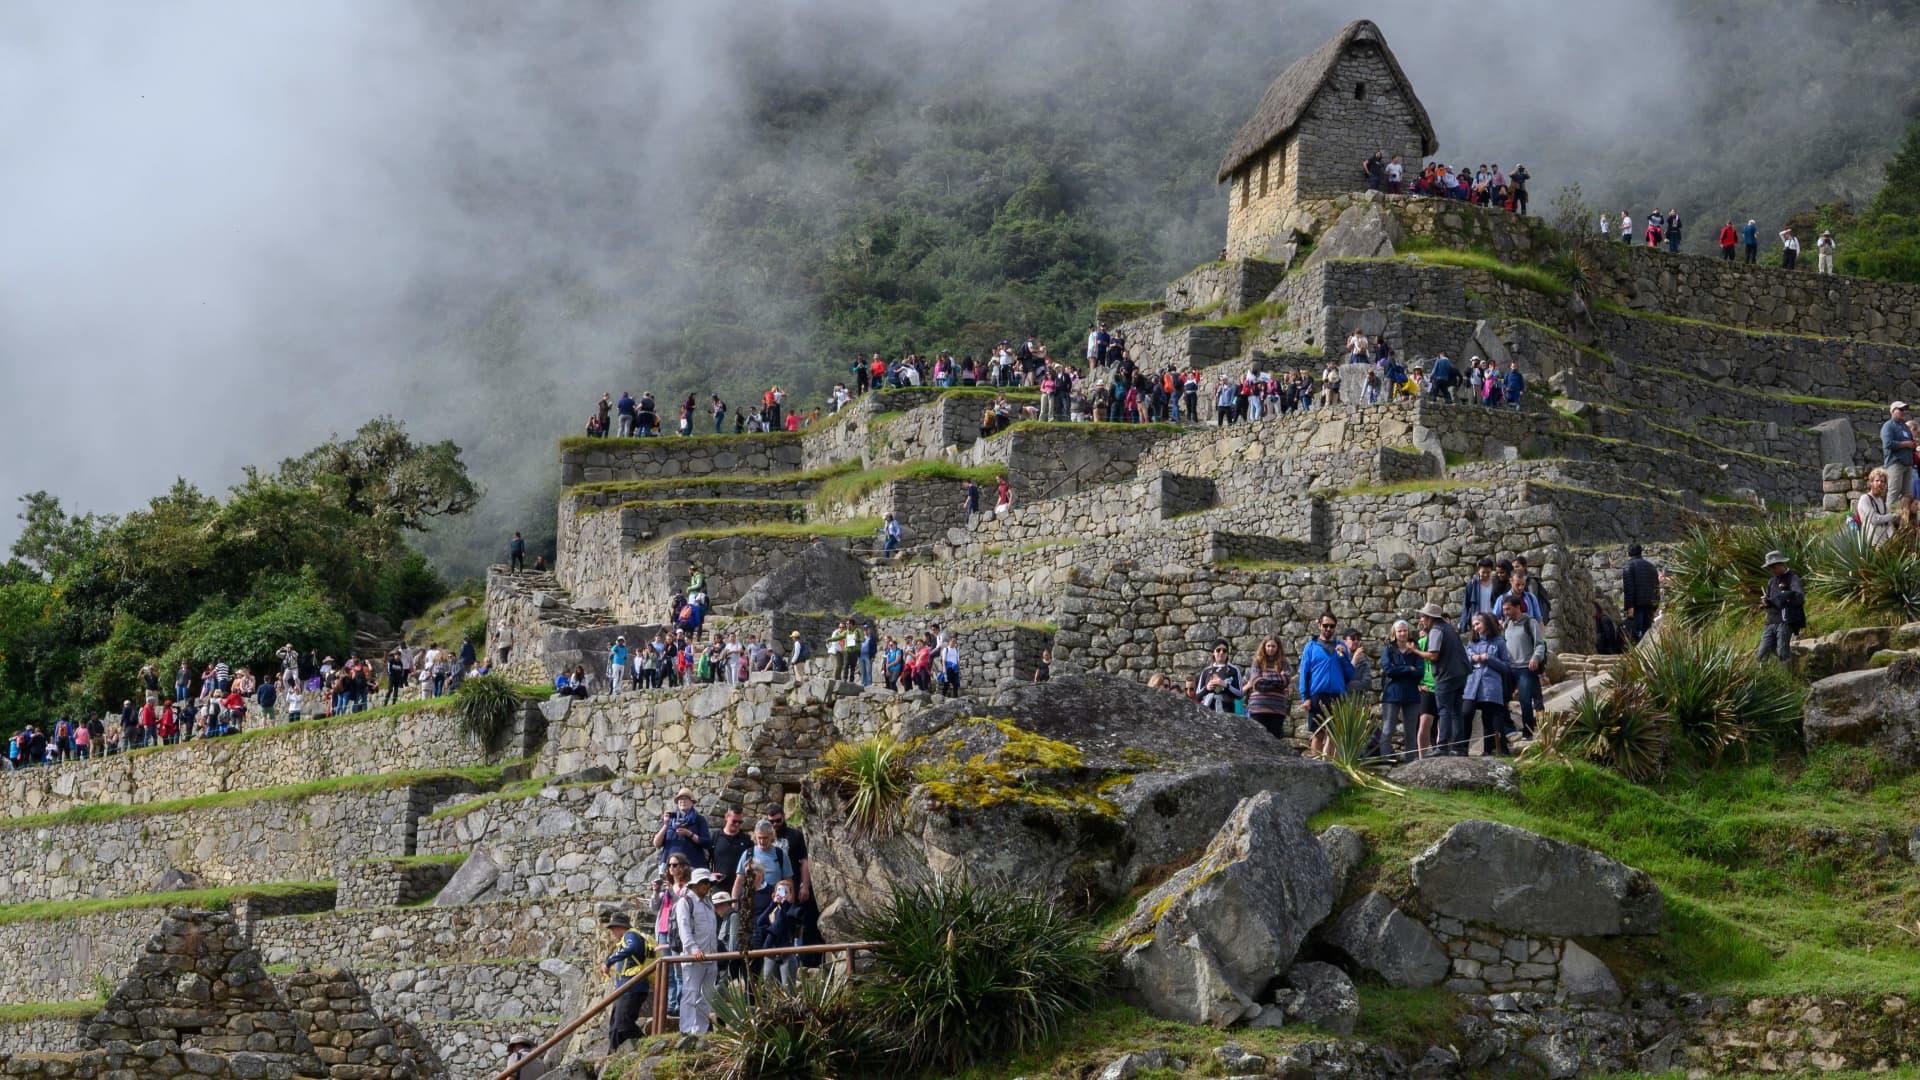 Tourists visit the Machu Picchu complex on April 24, 2019.